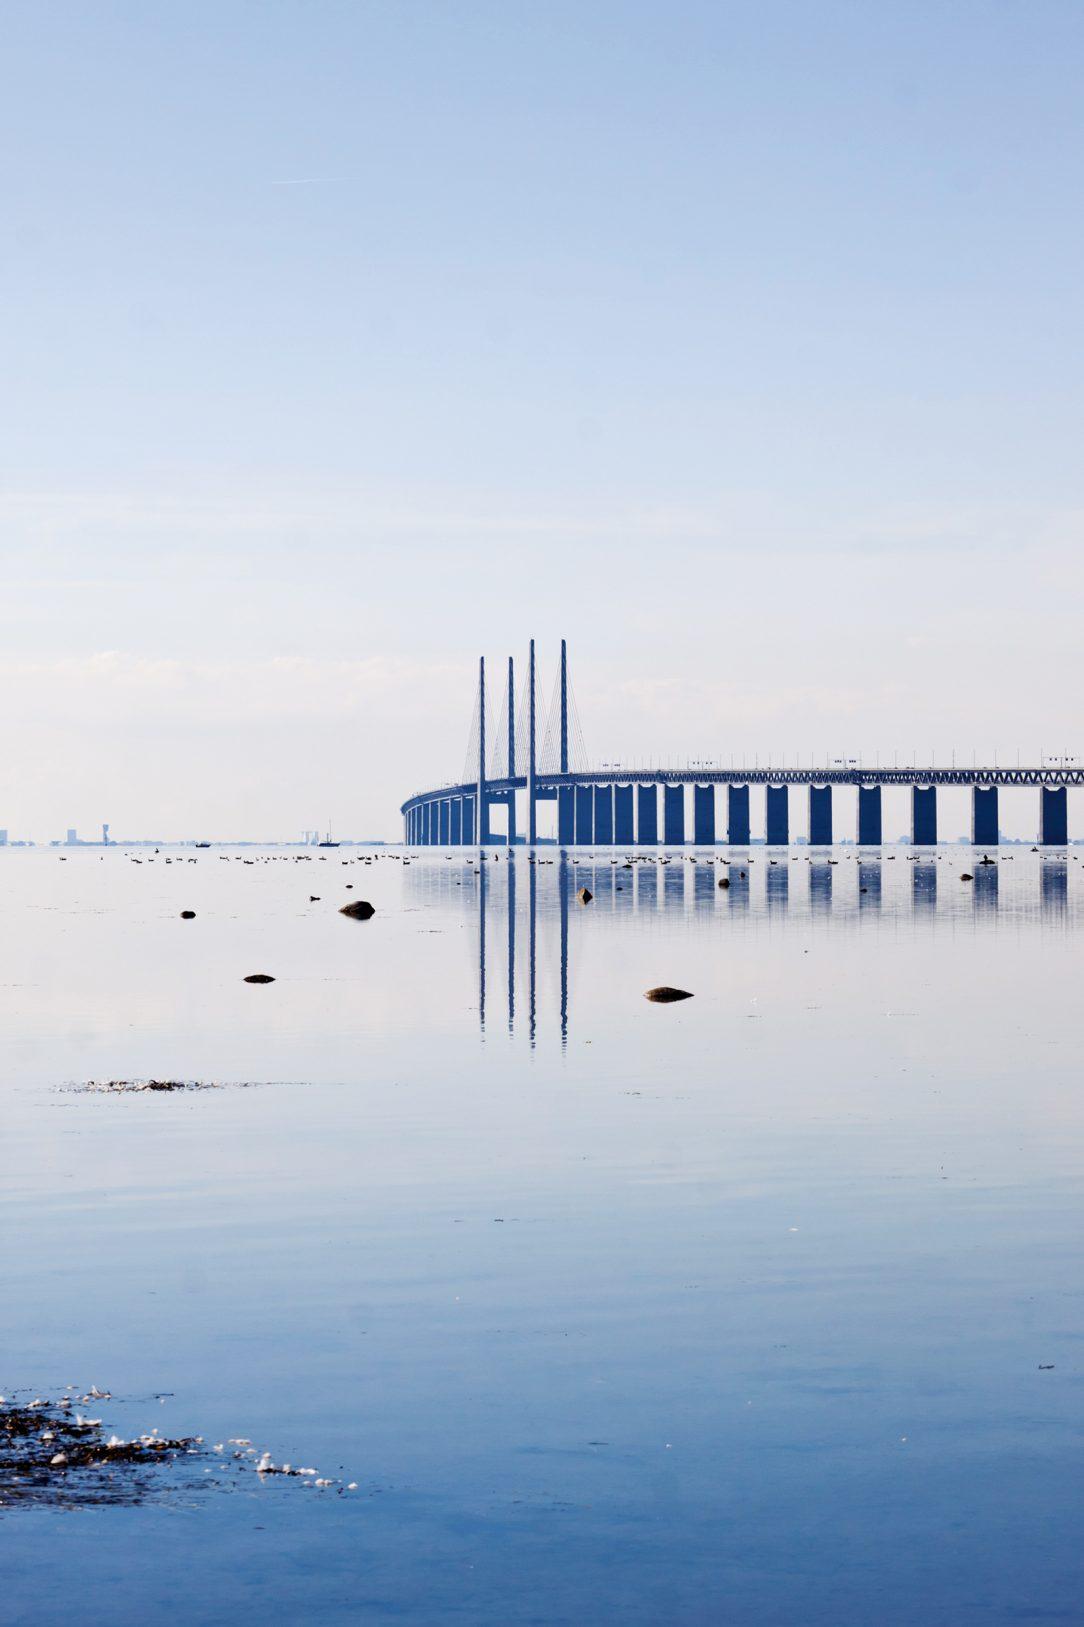 resundský most spojuje Dánsko a Švédsko